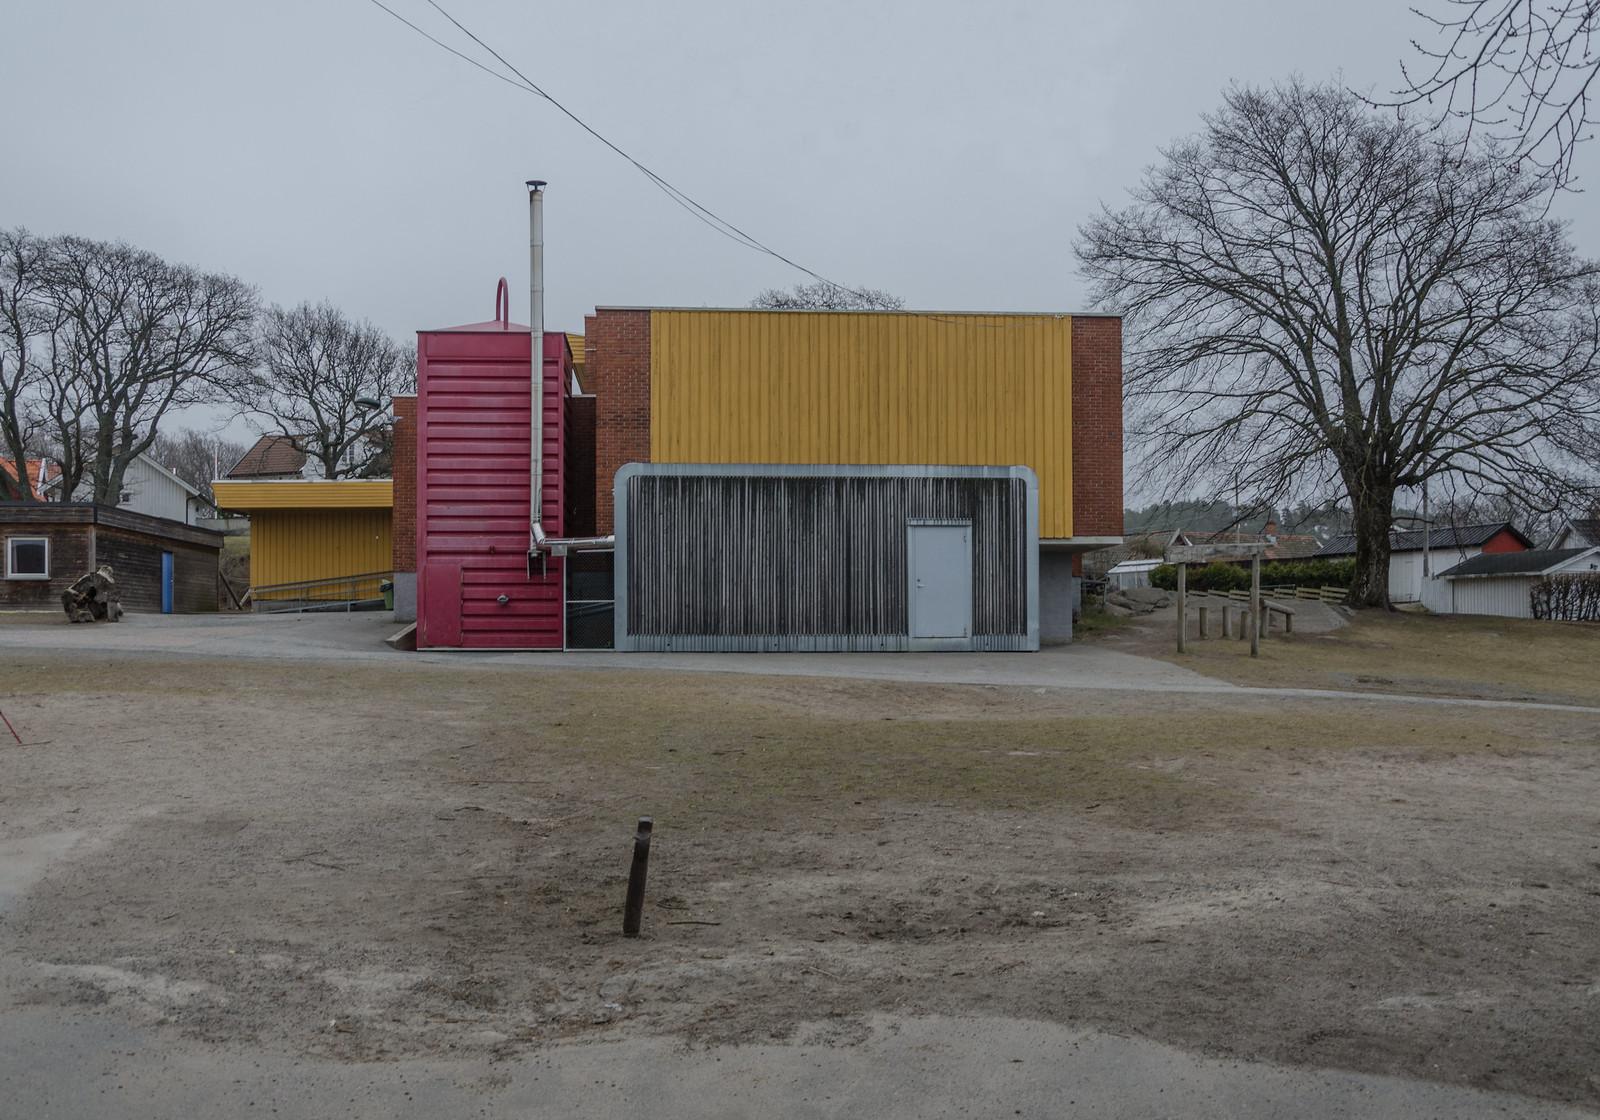 Schoolyard | by AstridWestvang